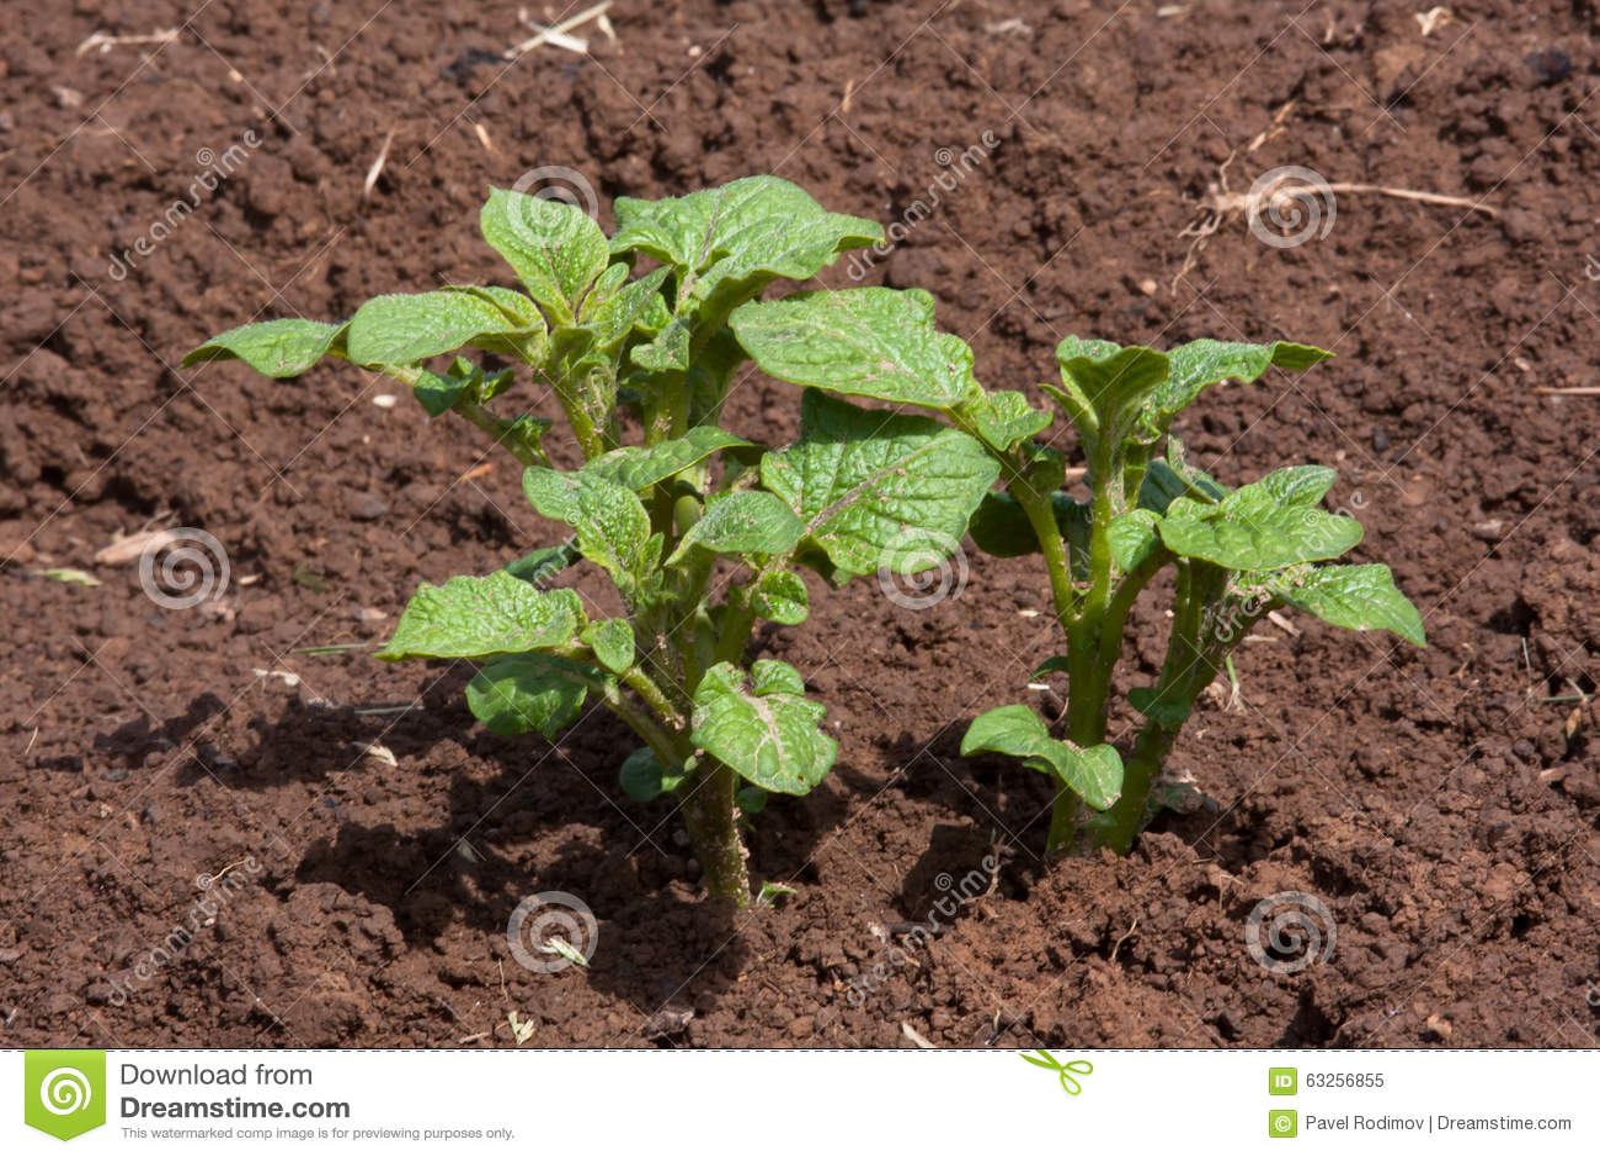 生长在菜园里的年轻土豆植物图片